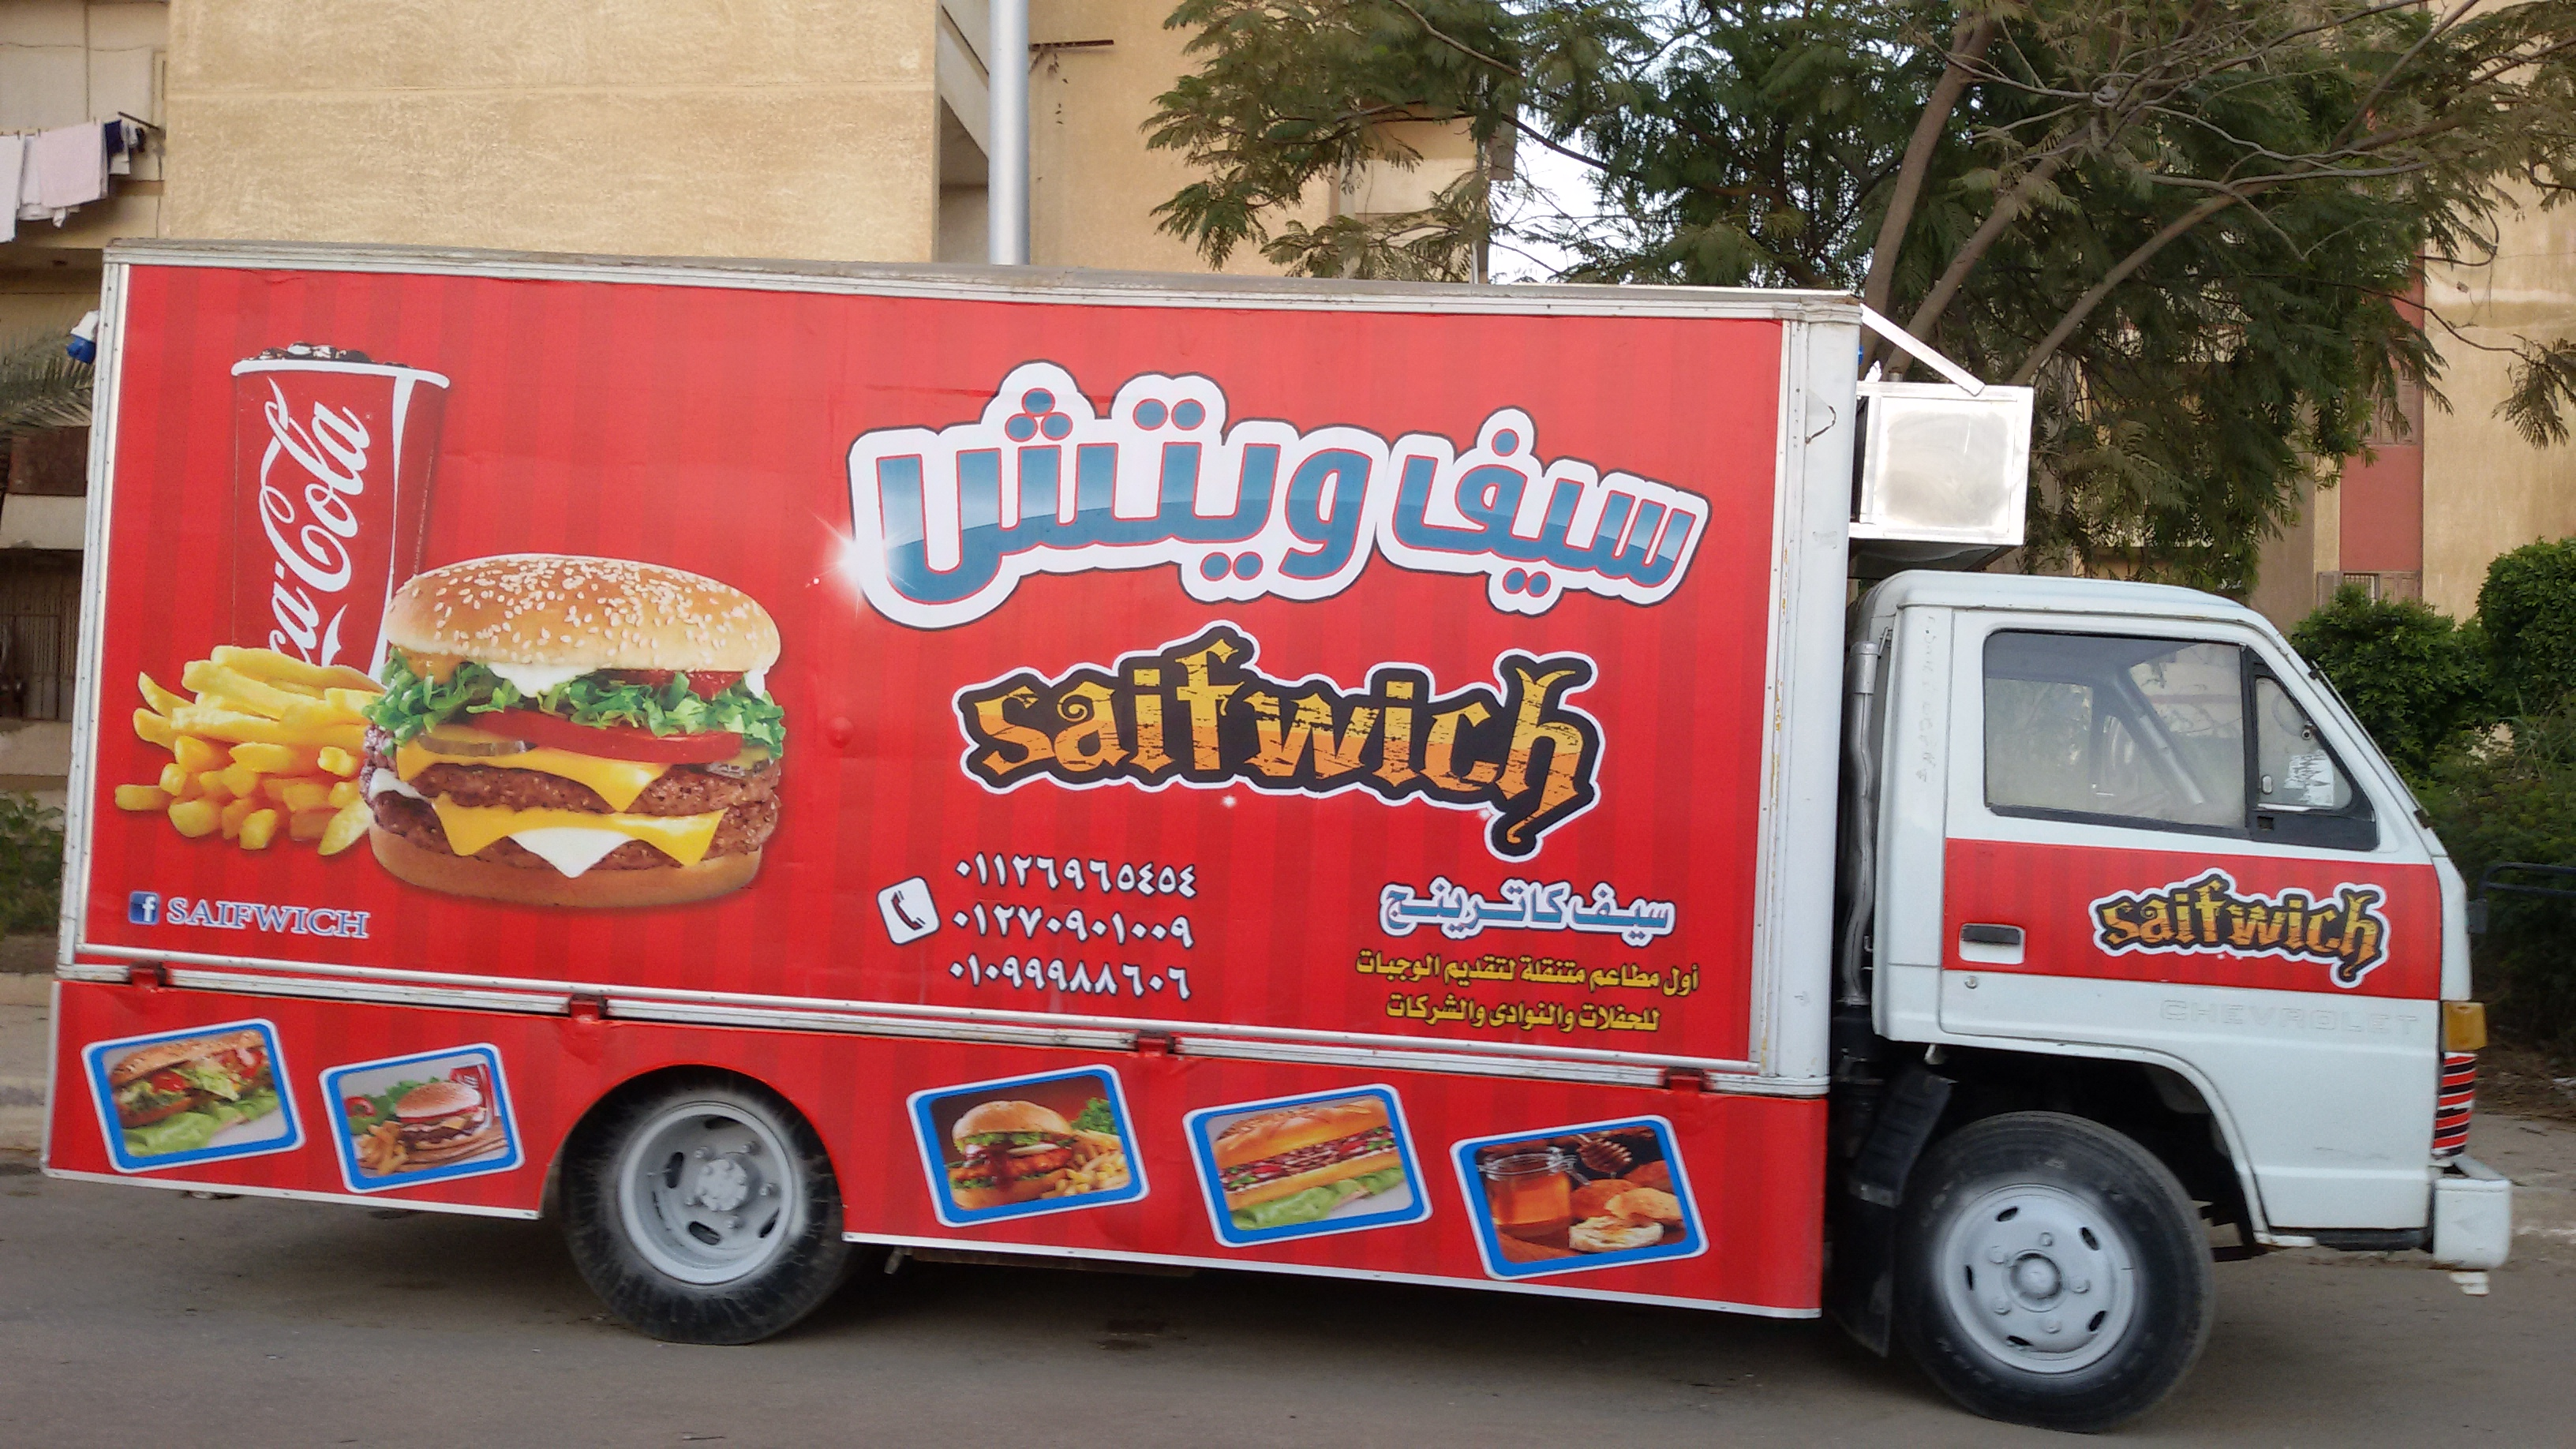 سيارة سيف ويتش لمواطن في الشيخ زويد